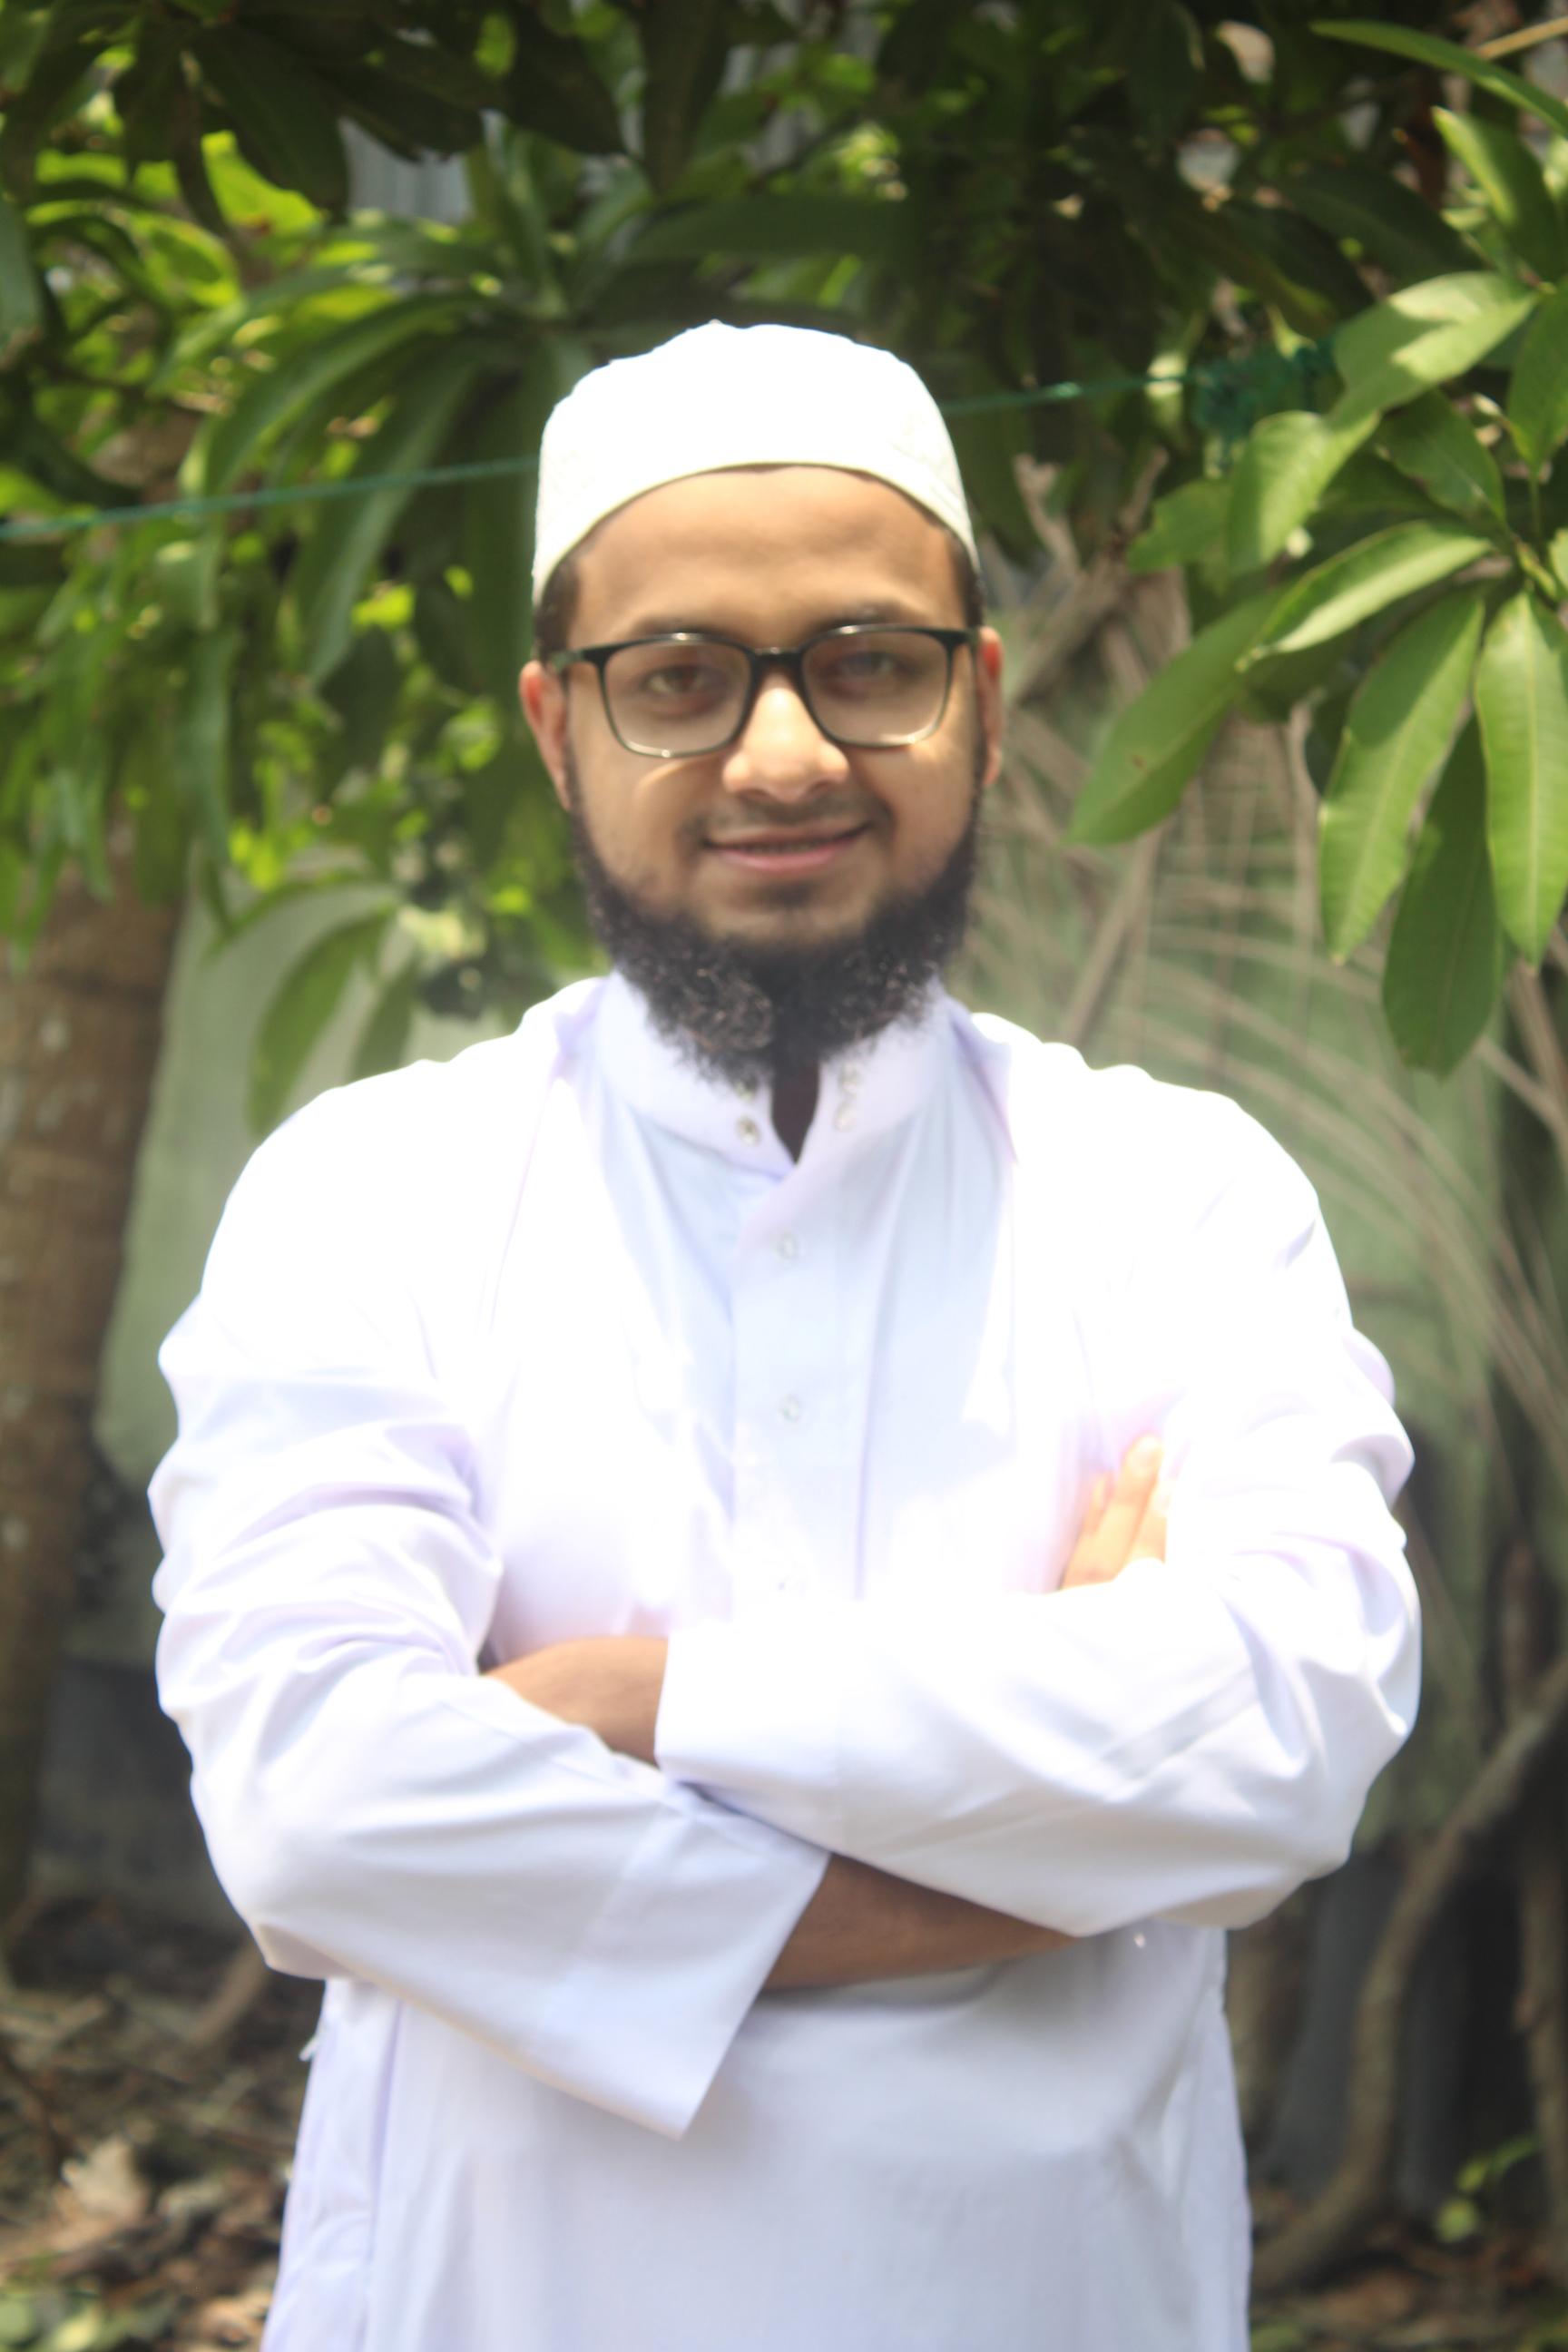 Mustafizur Rahman avatar